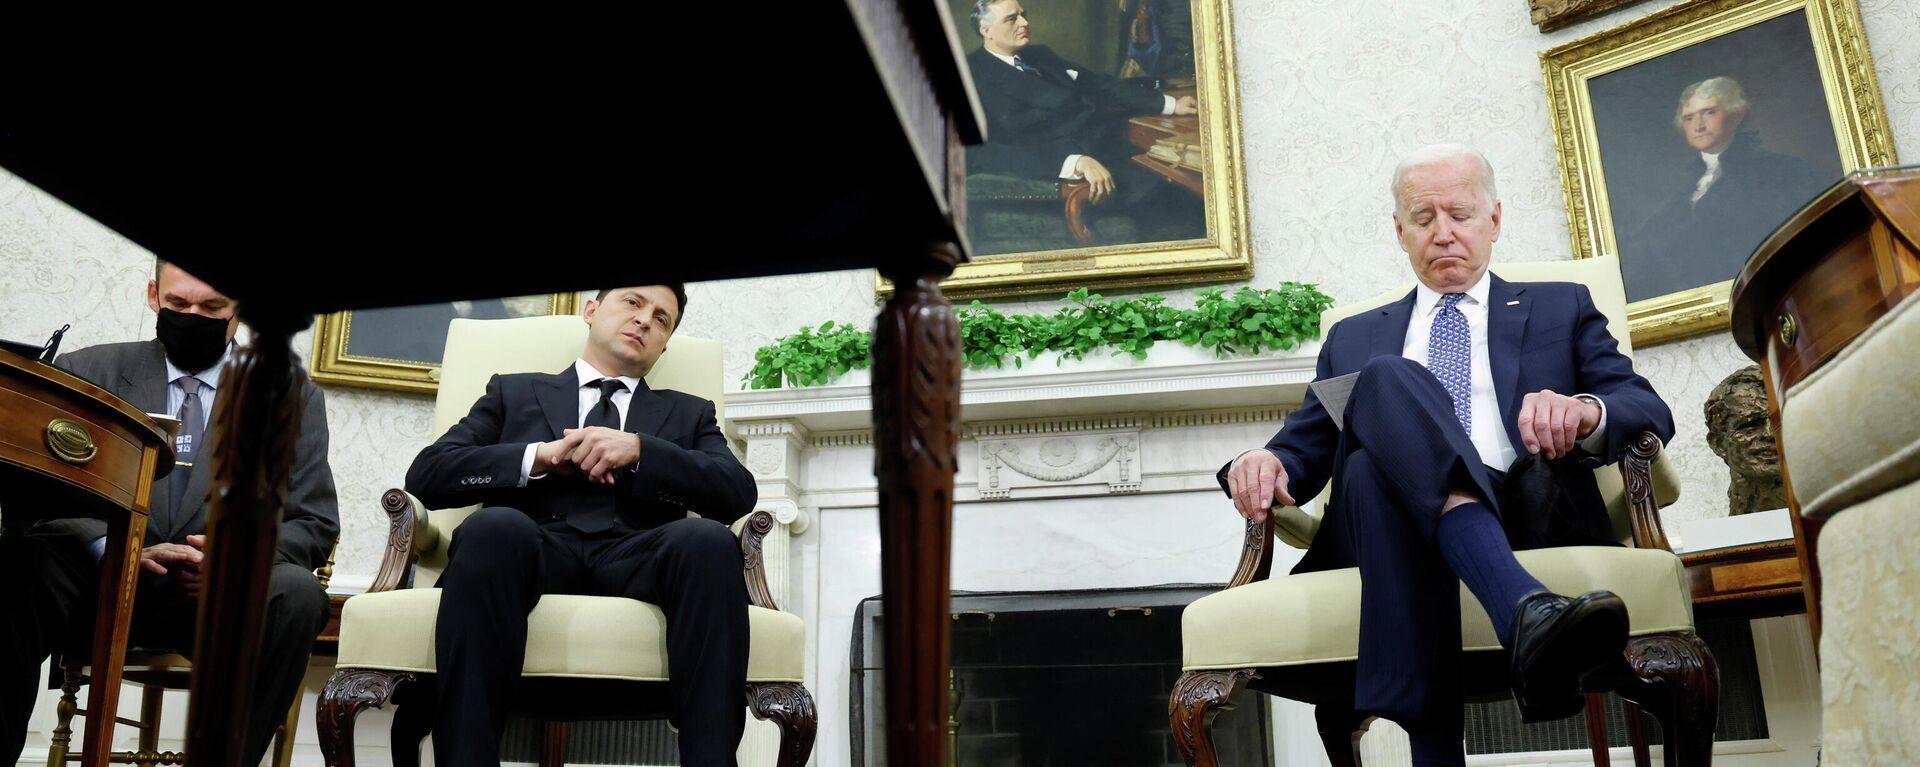 Der US-Präsident Joe BIden trifft seinen ukrainischen Amtskollegen Wladimir Selenski in Washington am 1. September 2021.  - SNA, 1920, 07.09.2021